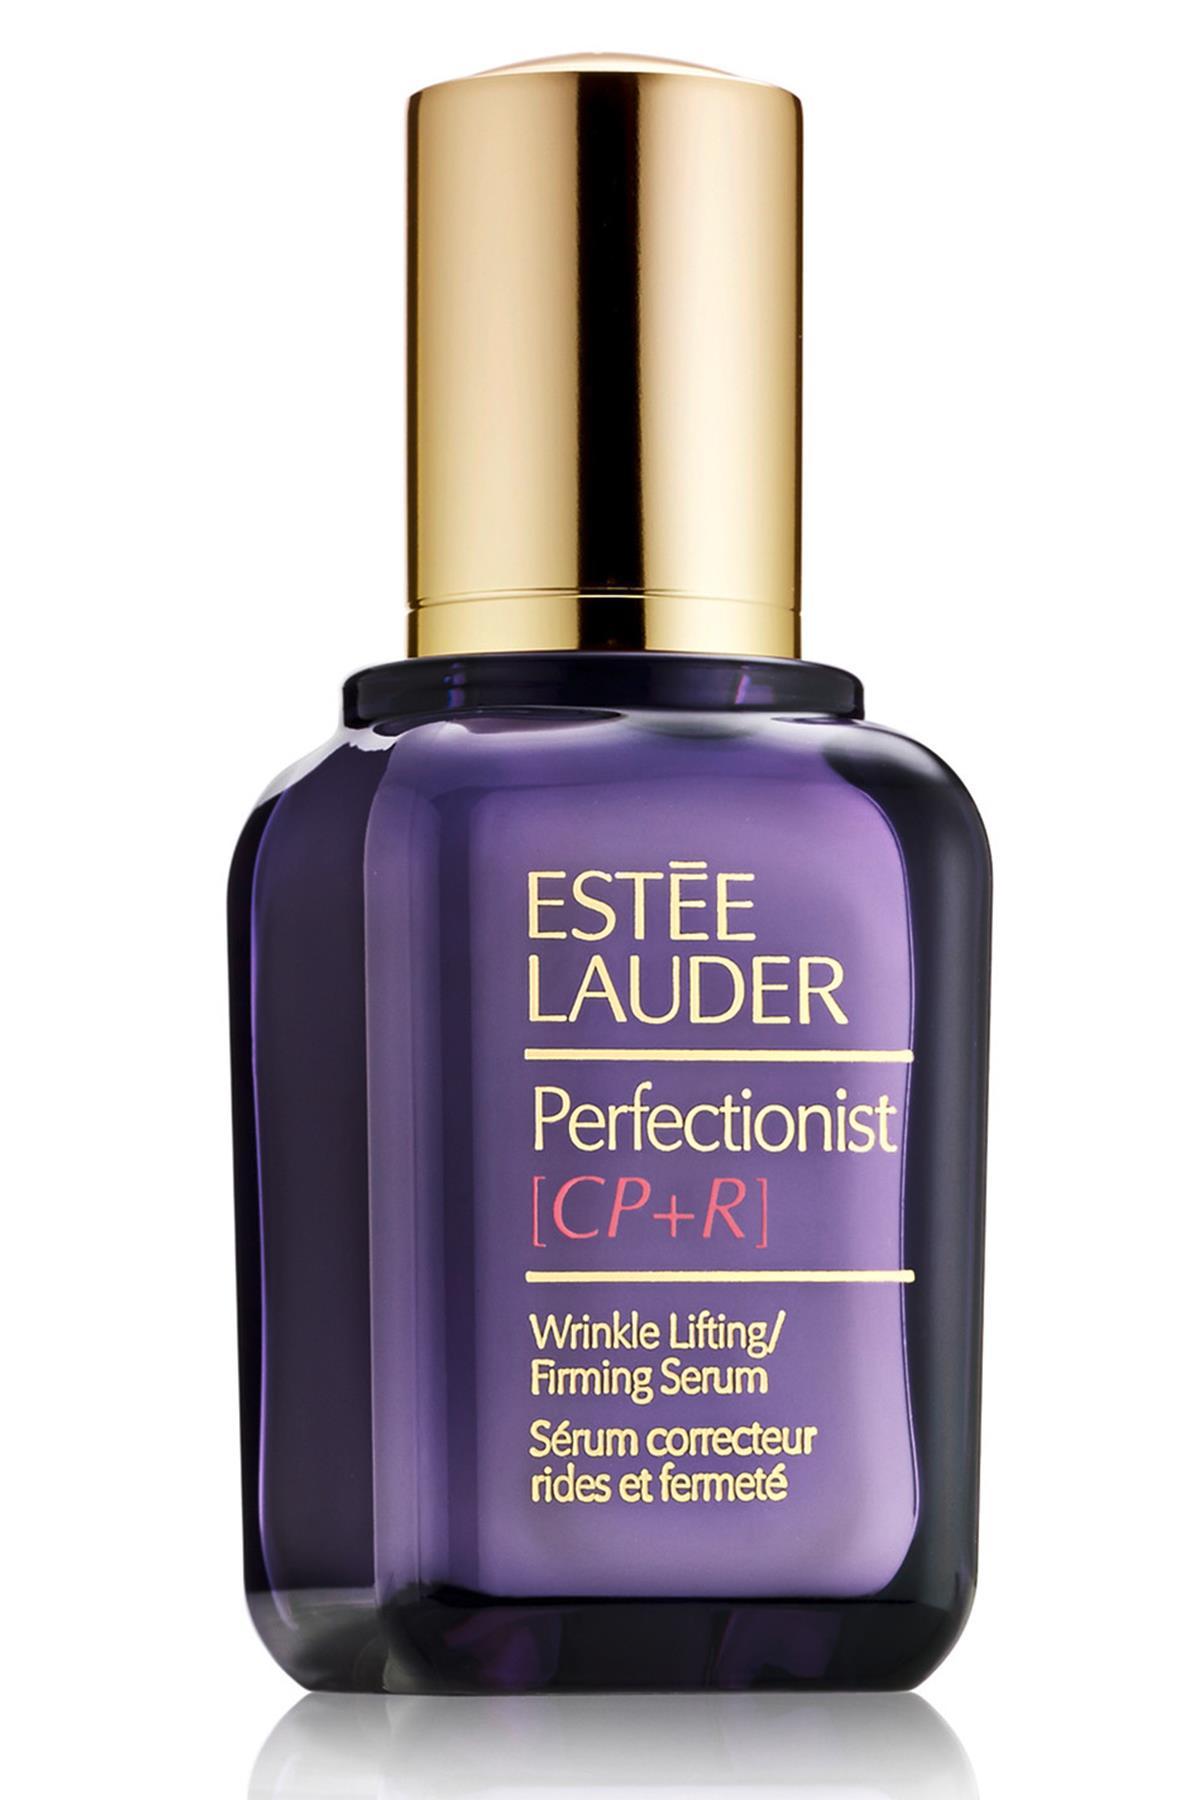 Estee Lauder Perfectionist CP+R Firming Onarıcı Serum 30 ml